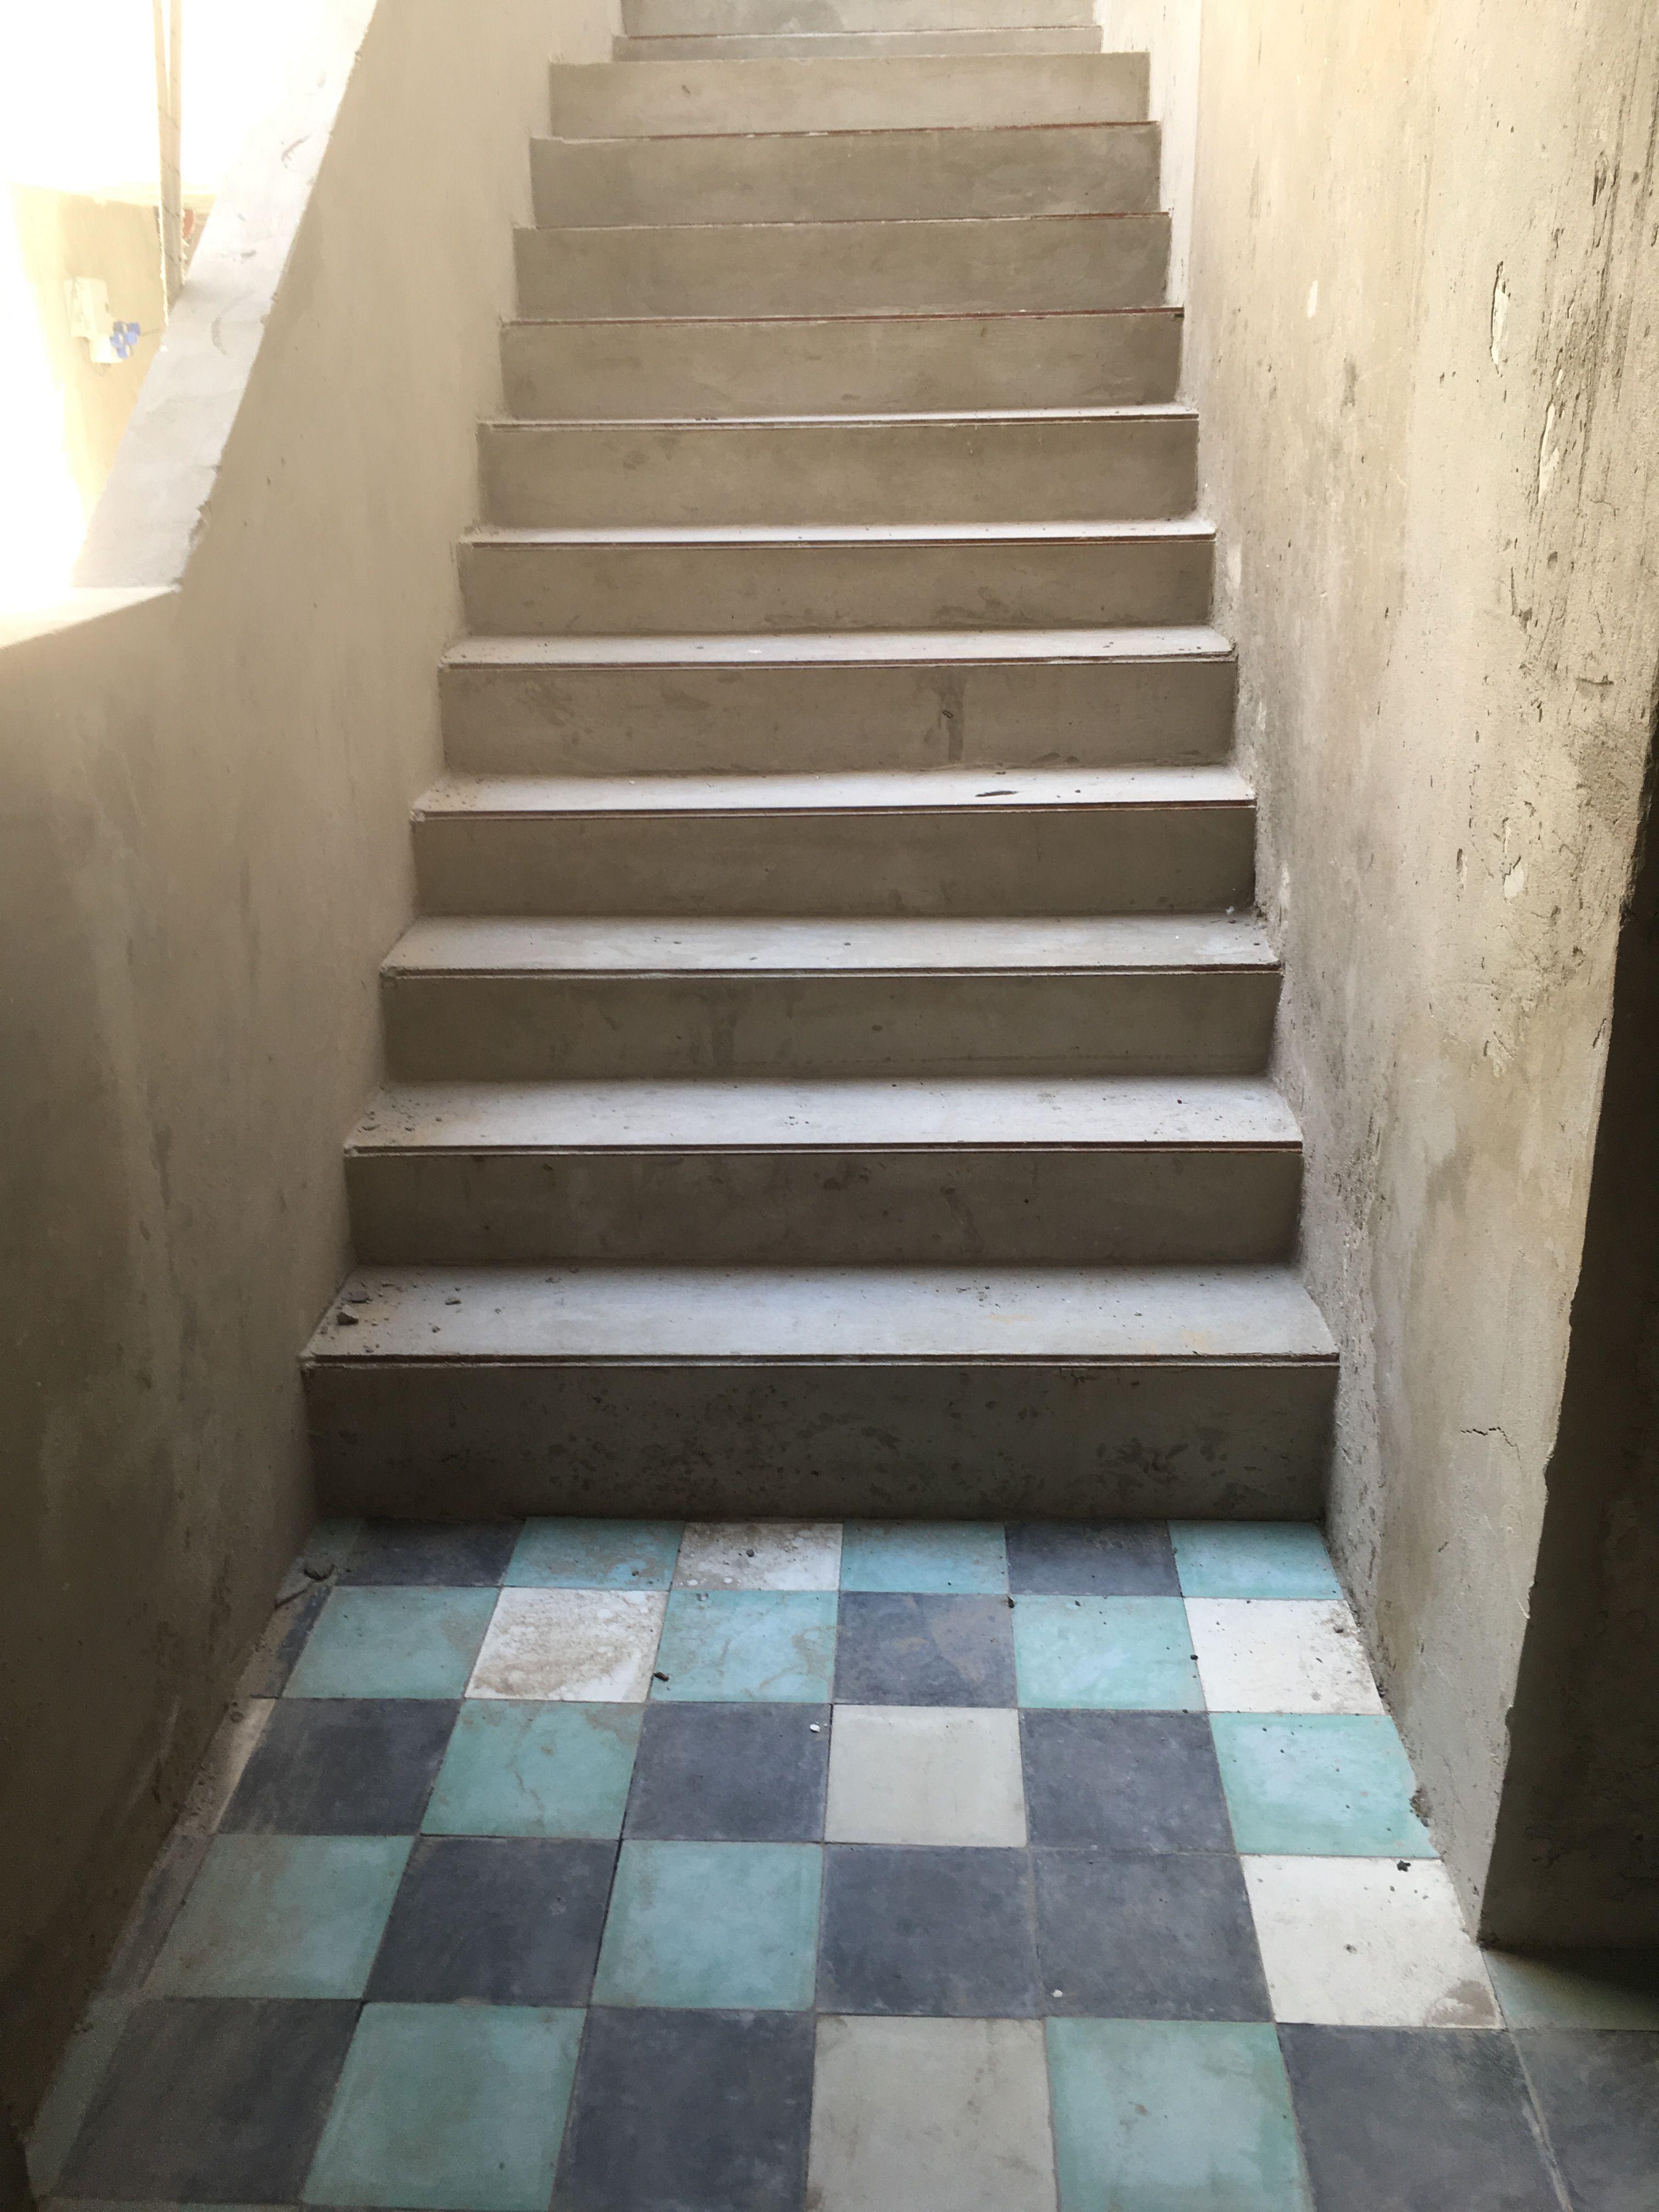 Escalera semicubierta, acceso desde la planta baja, hall edificio de viviendas de baja escala, con pisos calcáreos de 20x20, en color gris, crudo y esmeralda.  Arq. Estefanía Capatto